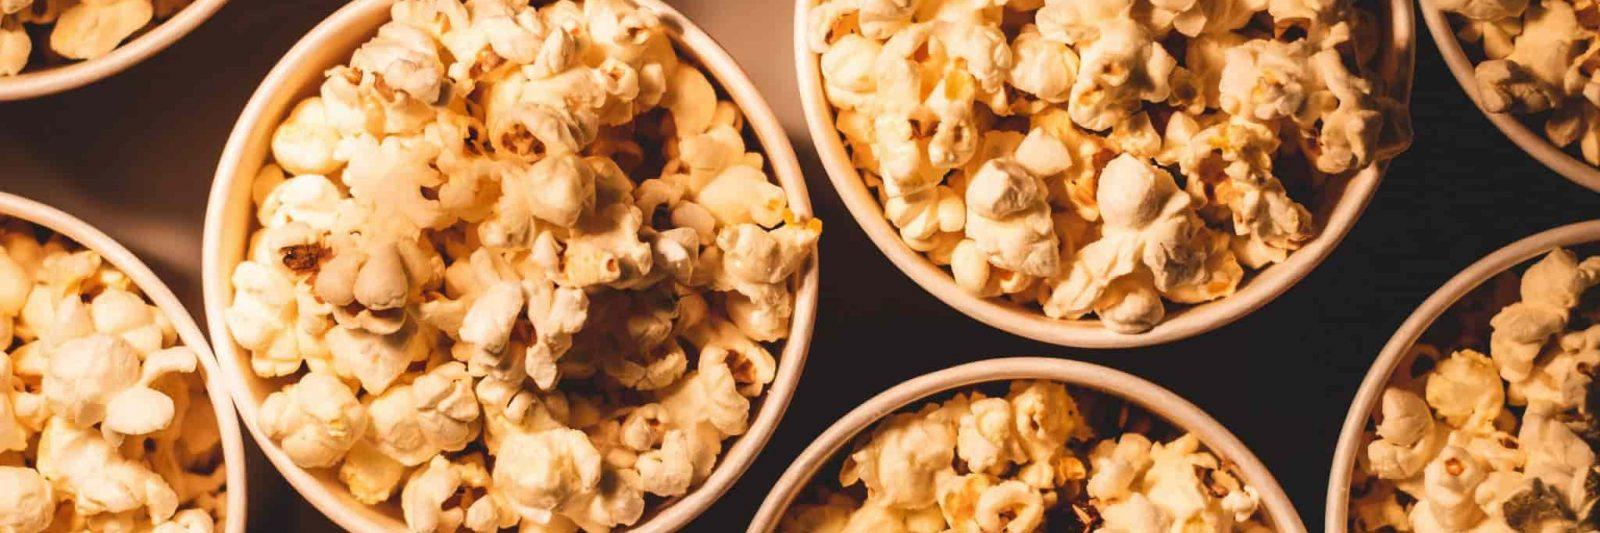 cinema montpellier